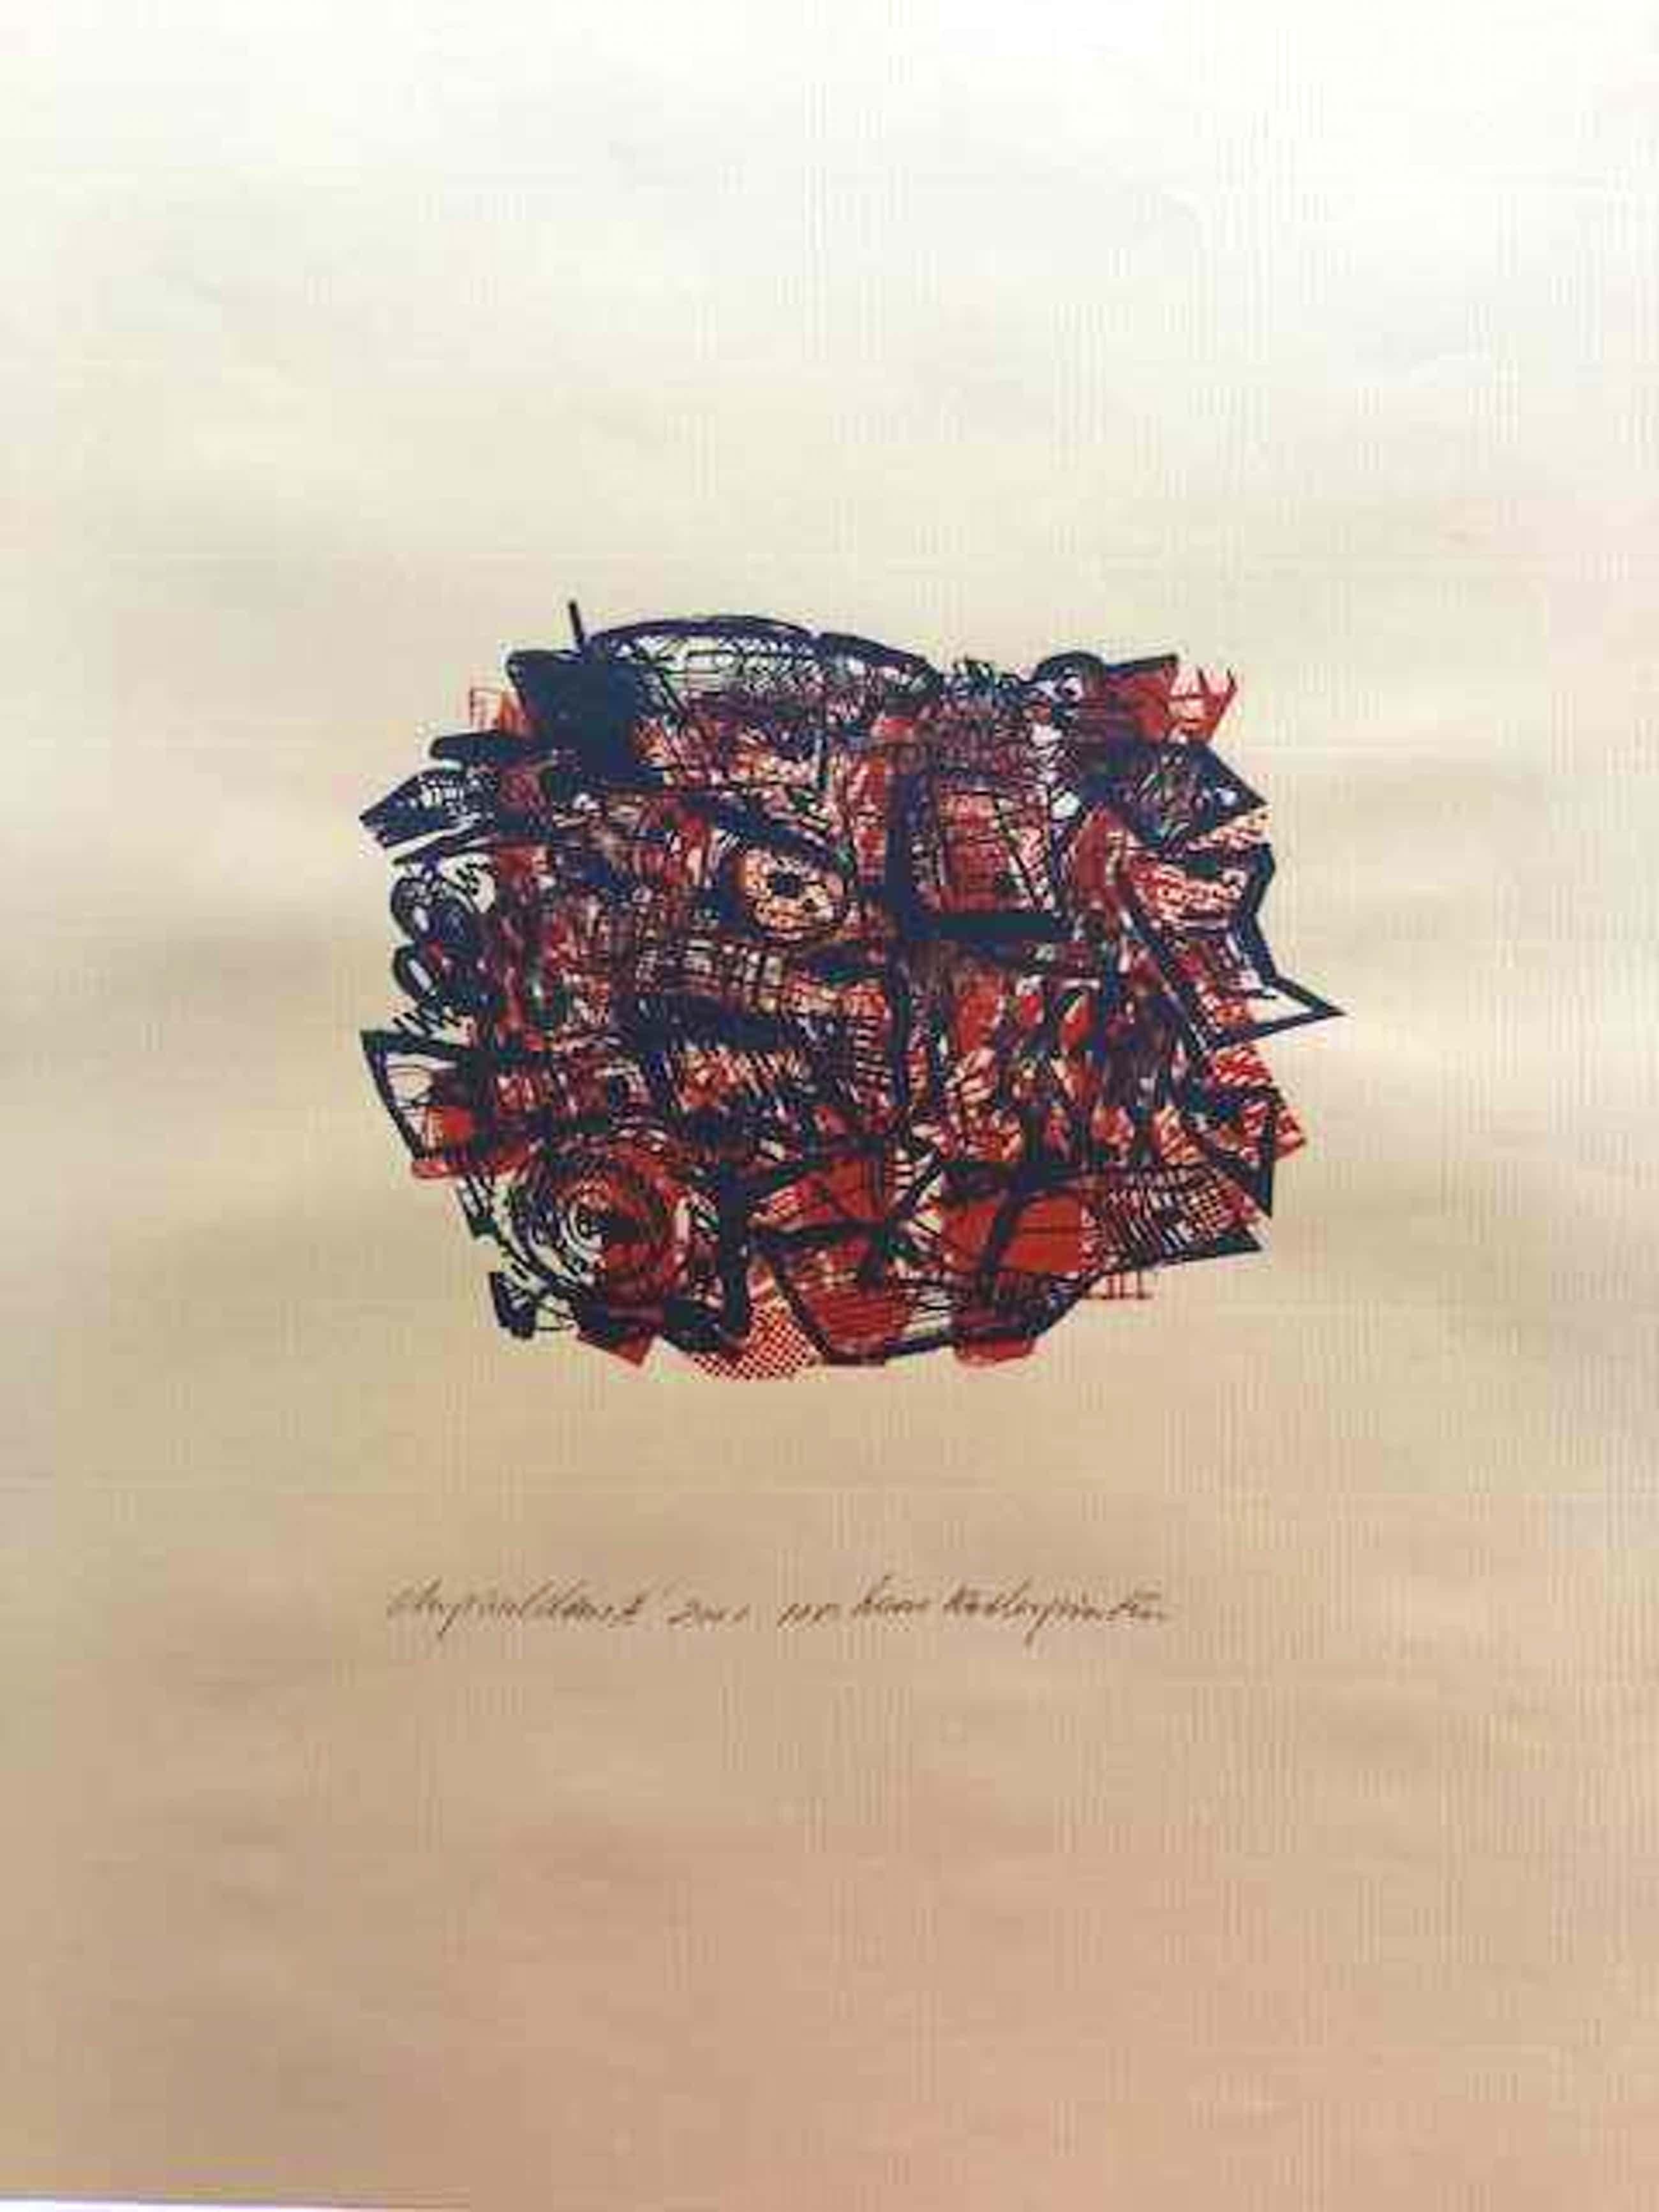 Christiaan Paul Damste - Compositie - 2001 kopen? Bied vanaf 50!